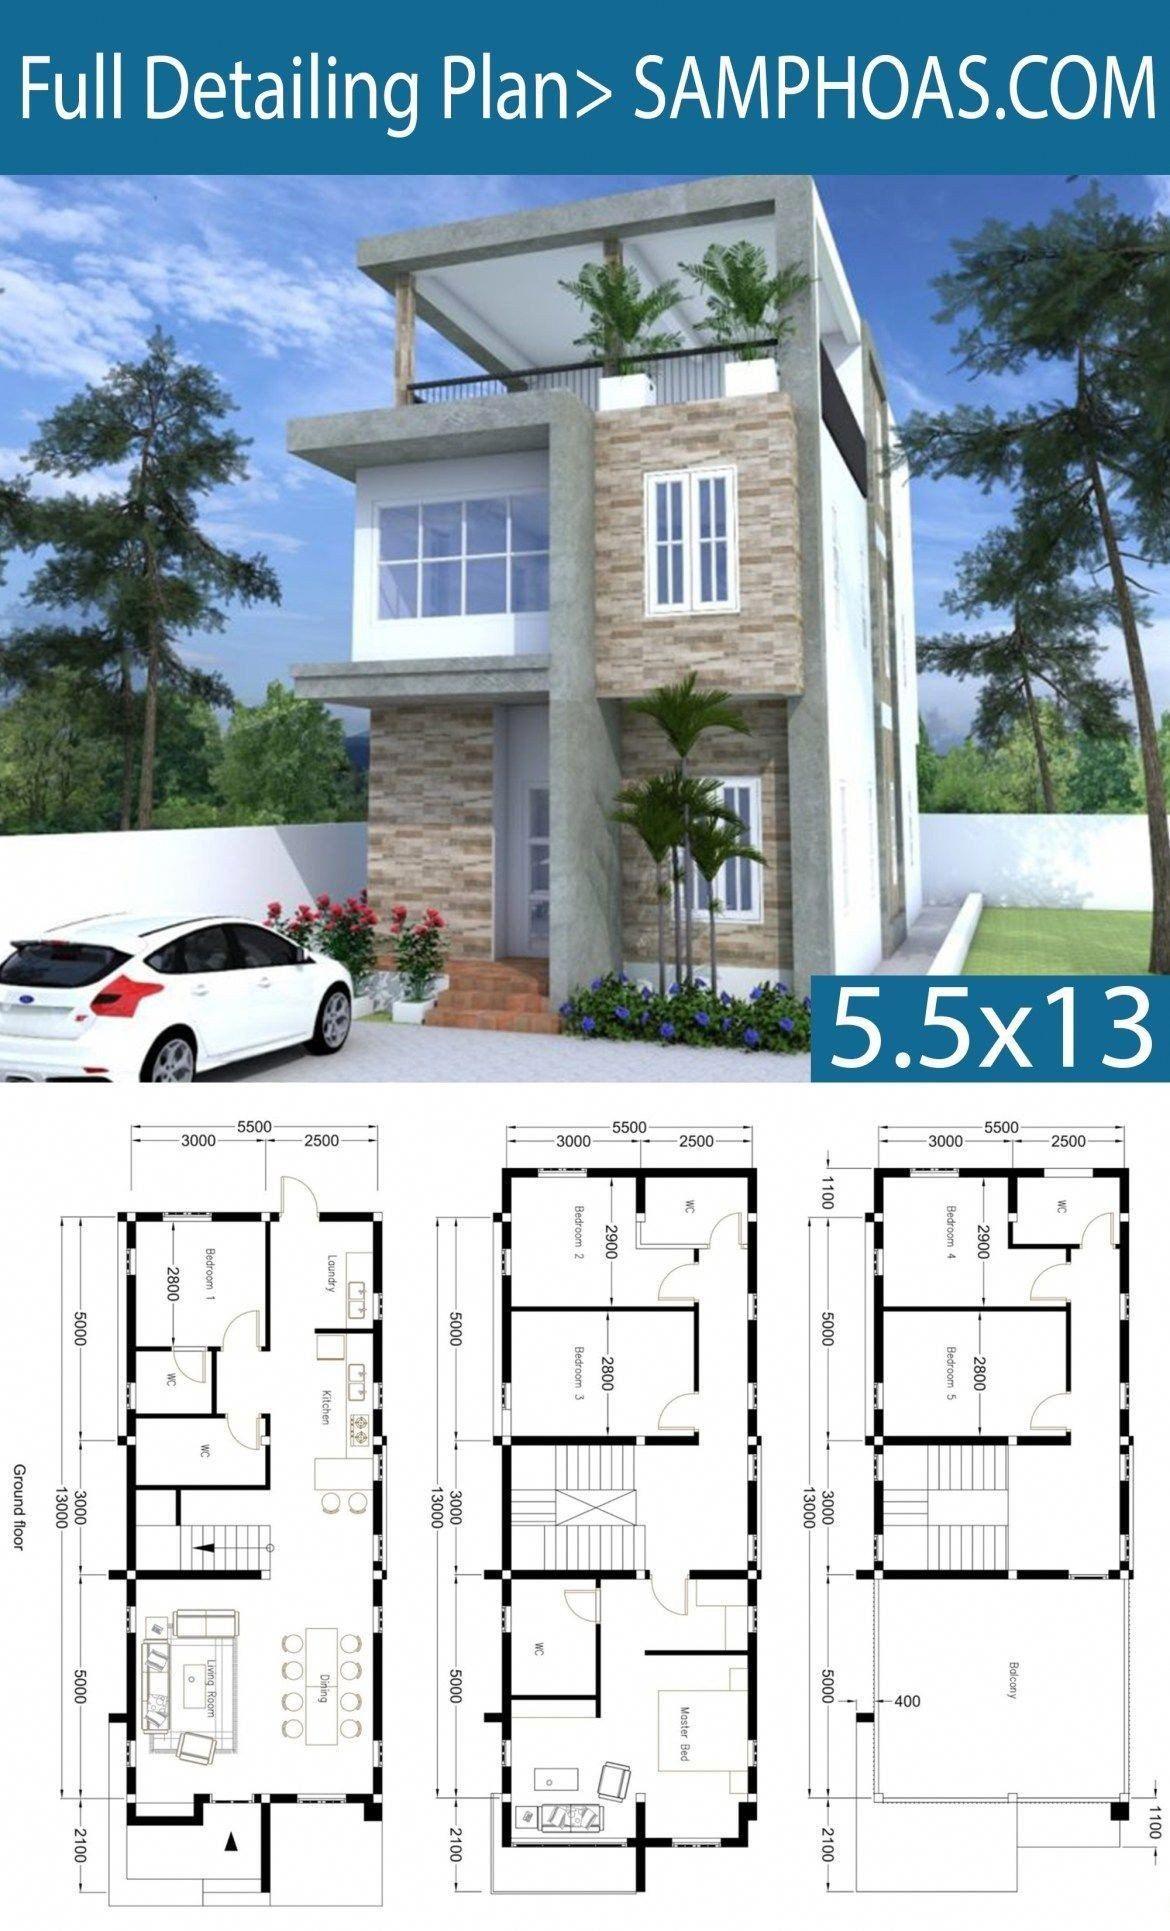 Sri Lankan Modern House Plans Modern Home Design Of Sri Lanka Modernhomedesign Modern House Plans House Plans With Pictures House Plans With Photos